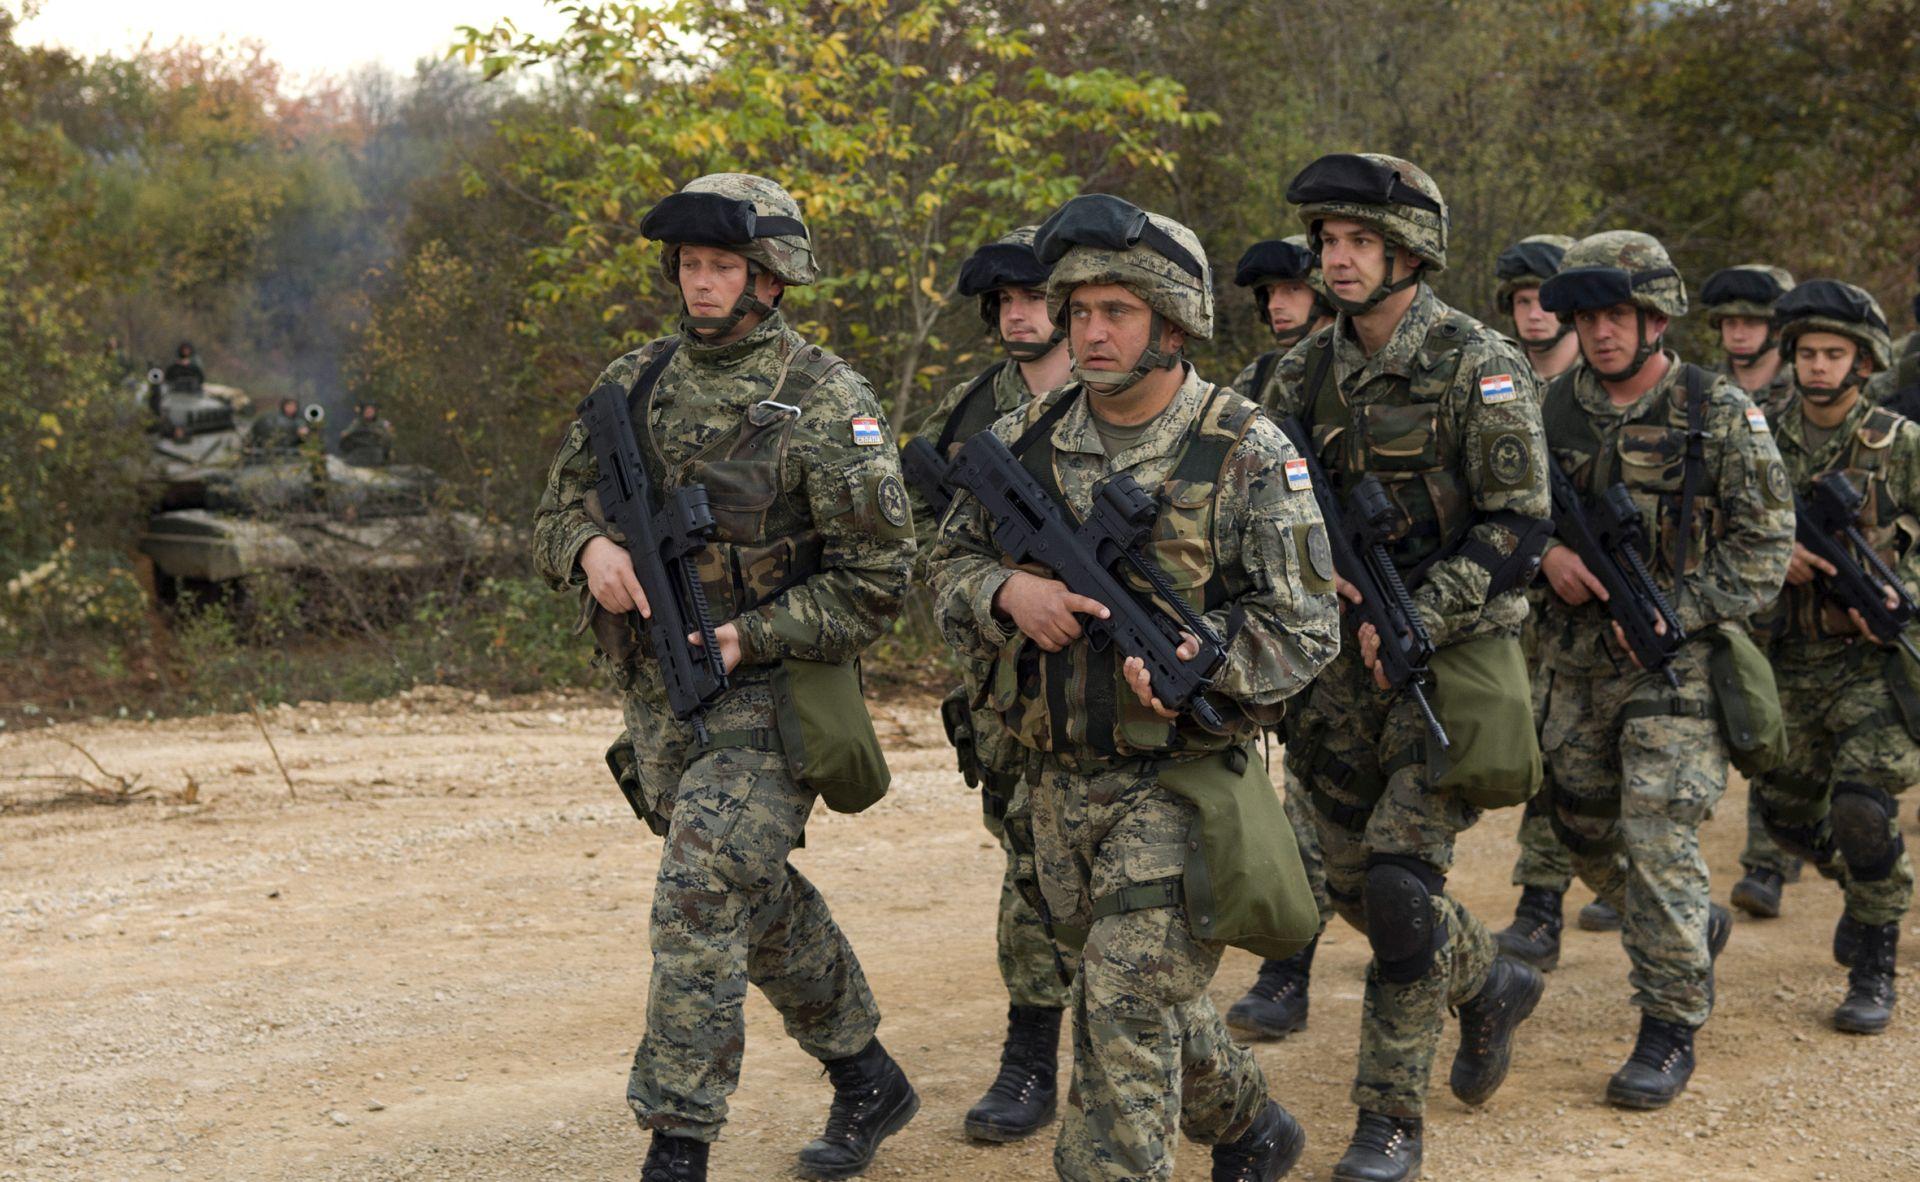 Sabor odobrio upućivanje pripadnika Oružanih snaga u Poljsku u Litvu